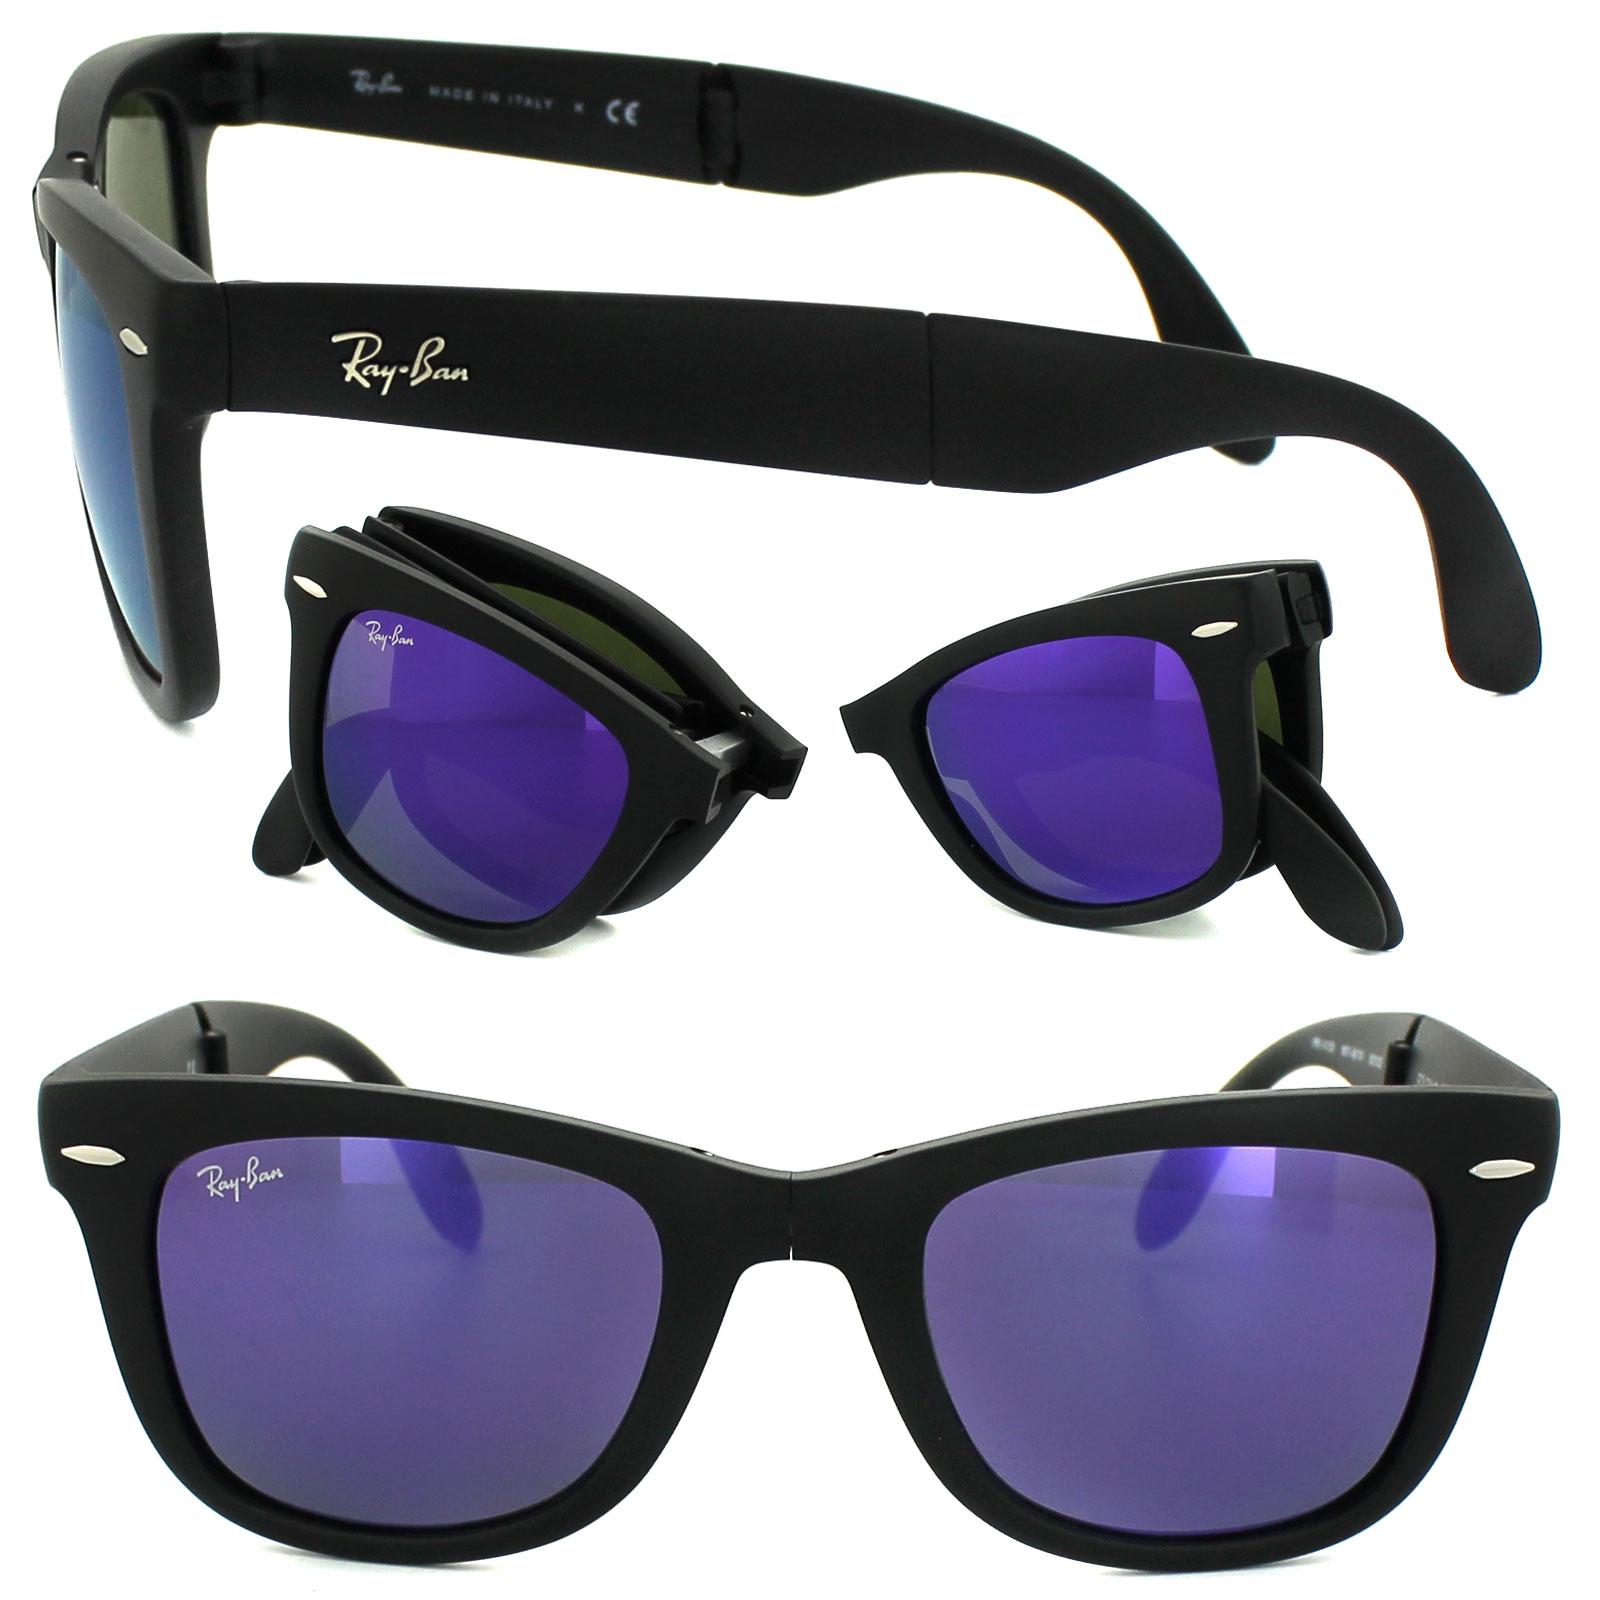 ray ban sonnenbrille folding wayfarer 4105 601s1m schwarz. Black Bedroom Furniture Sets. Home Design Ideas